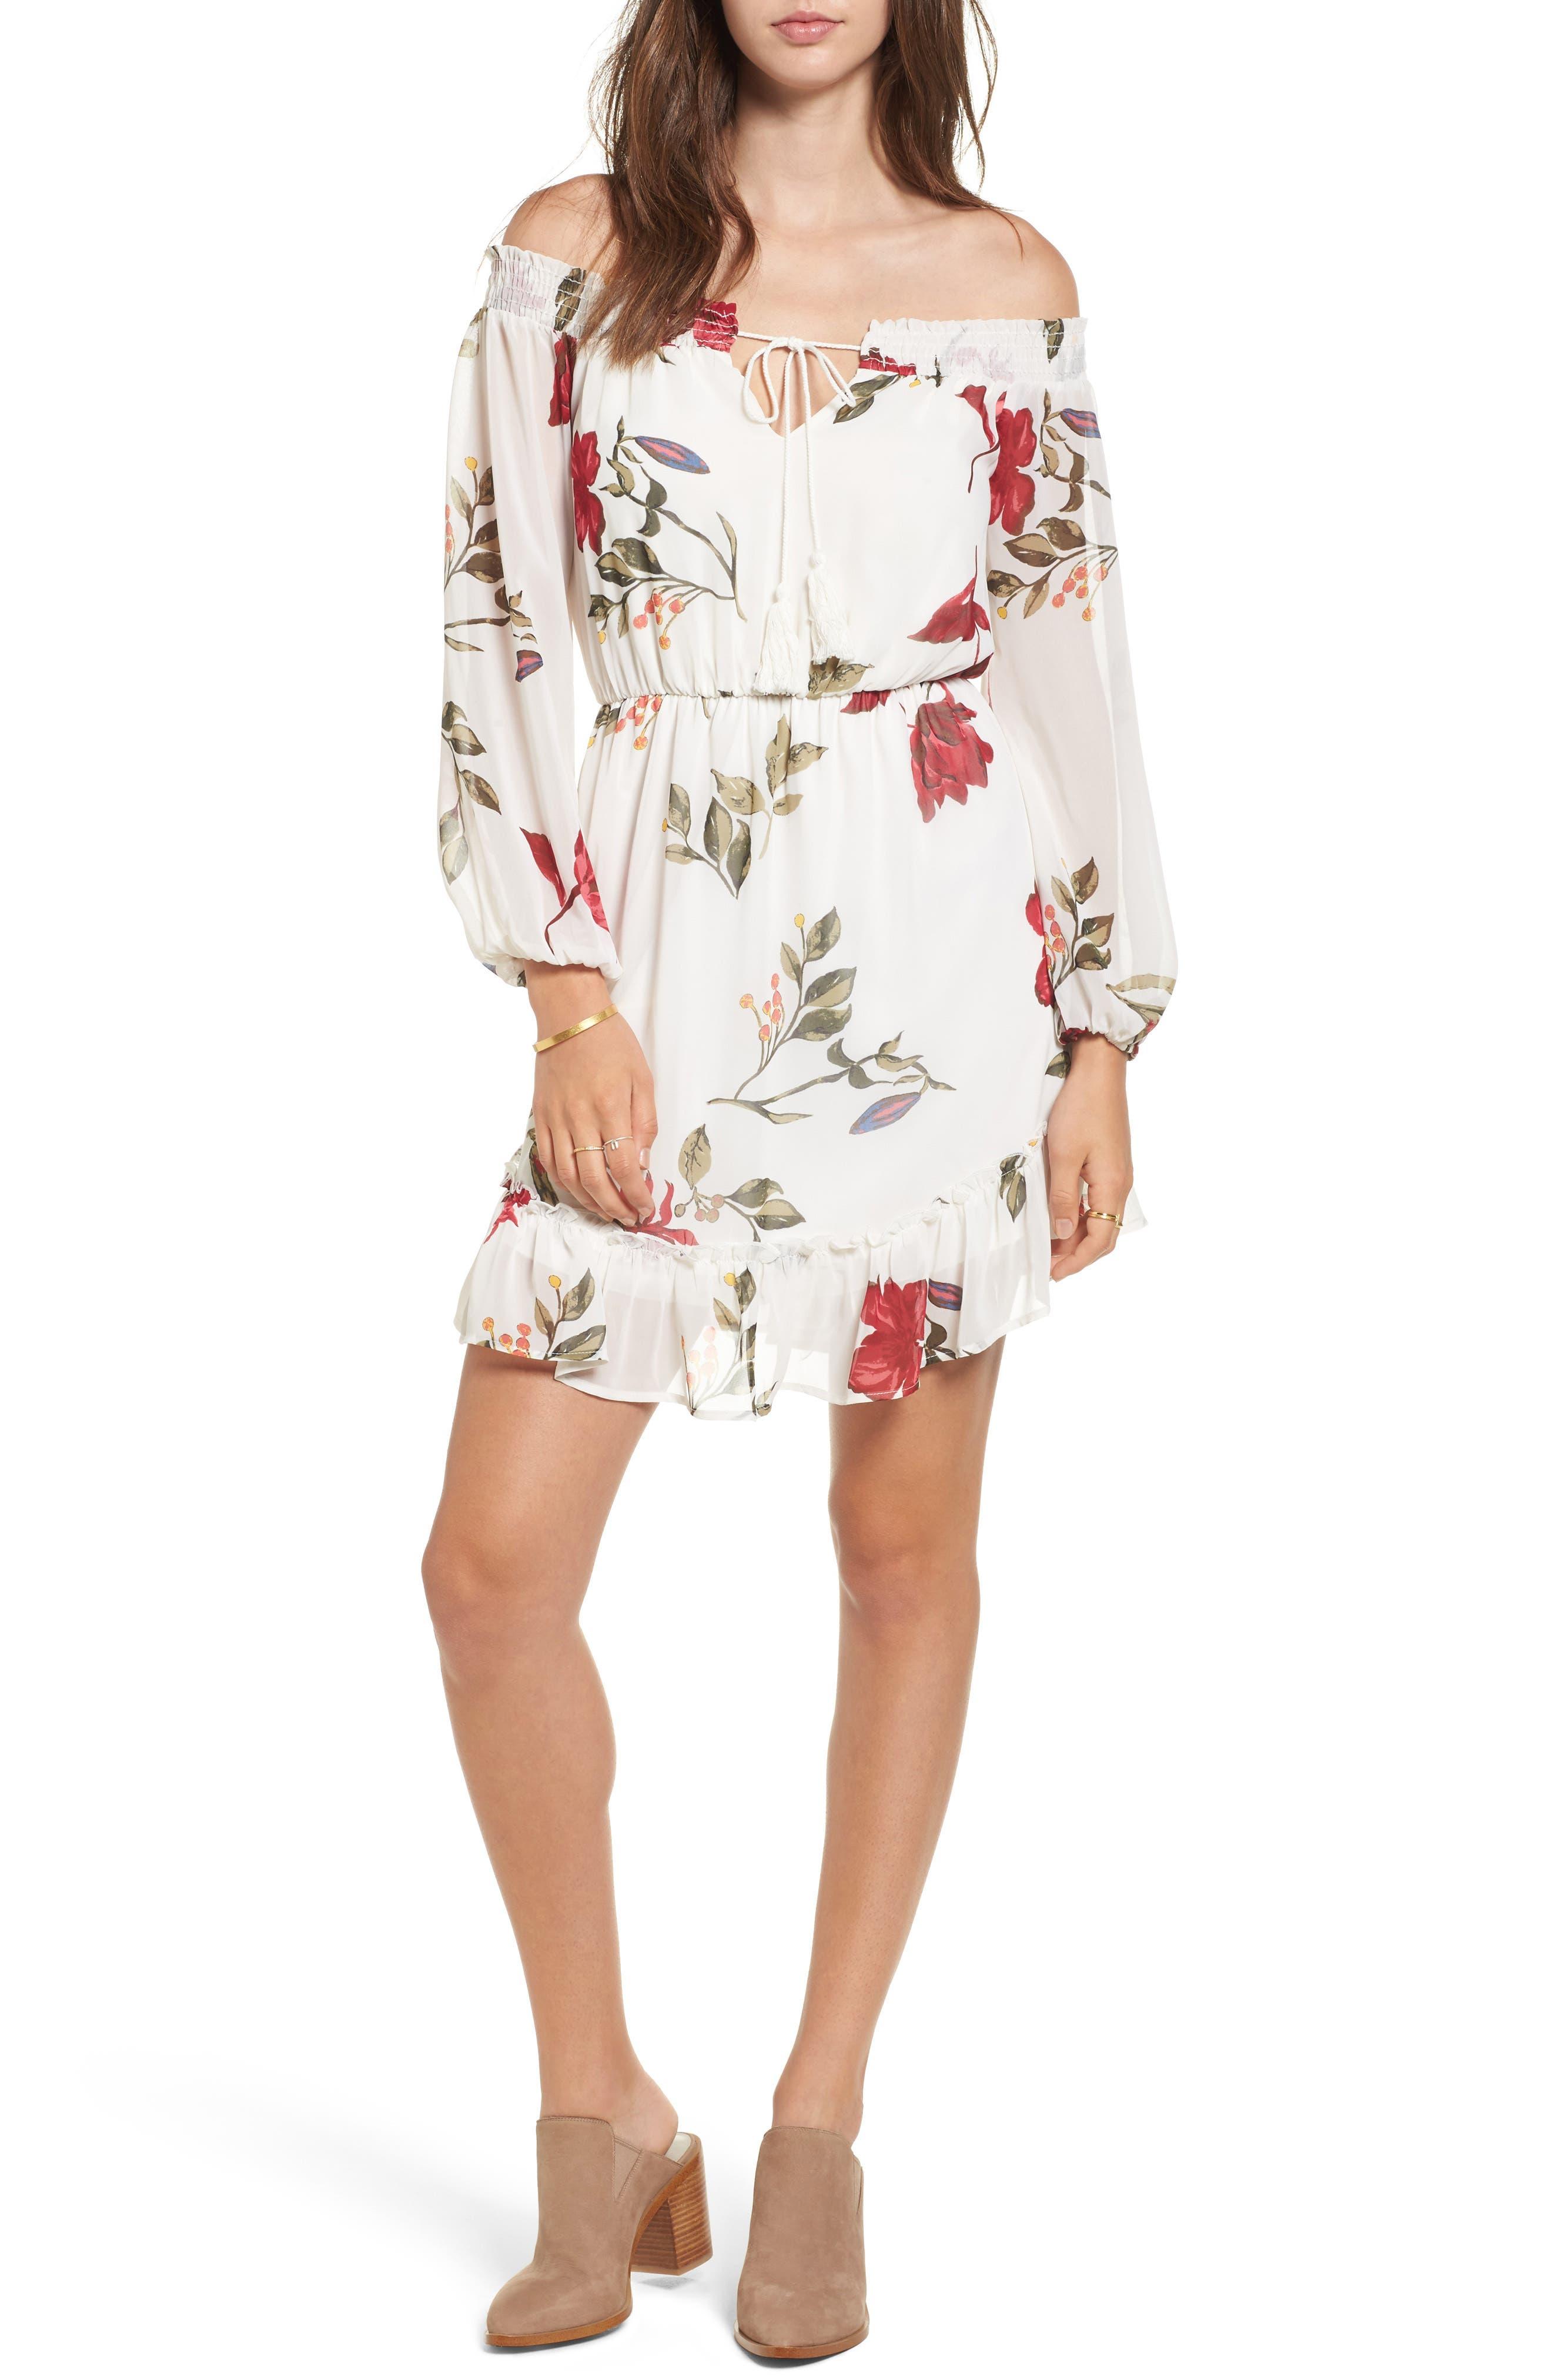 Dee Elly Floral Off the Shoulder Dress